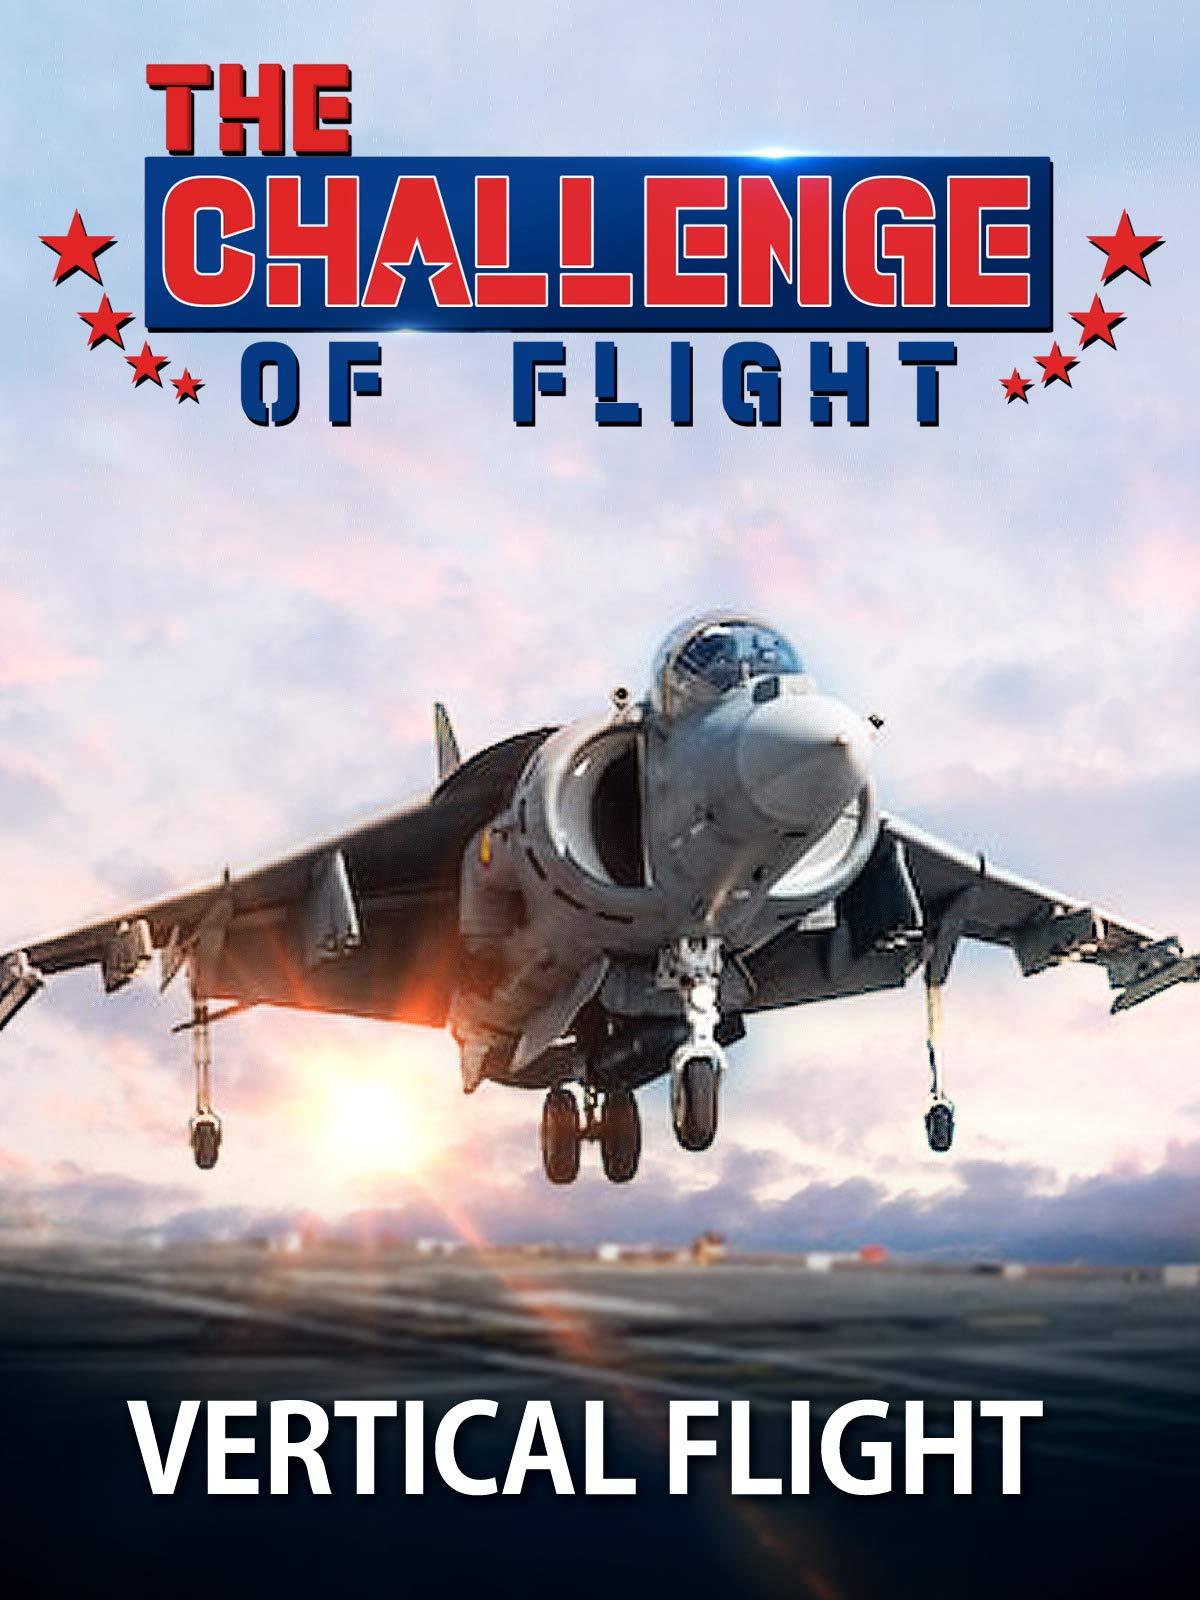 The Challenge of Flight - Vertical Flight